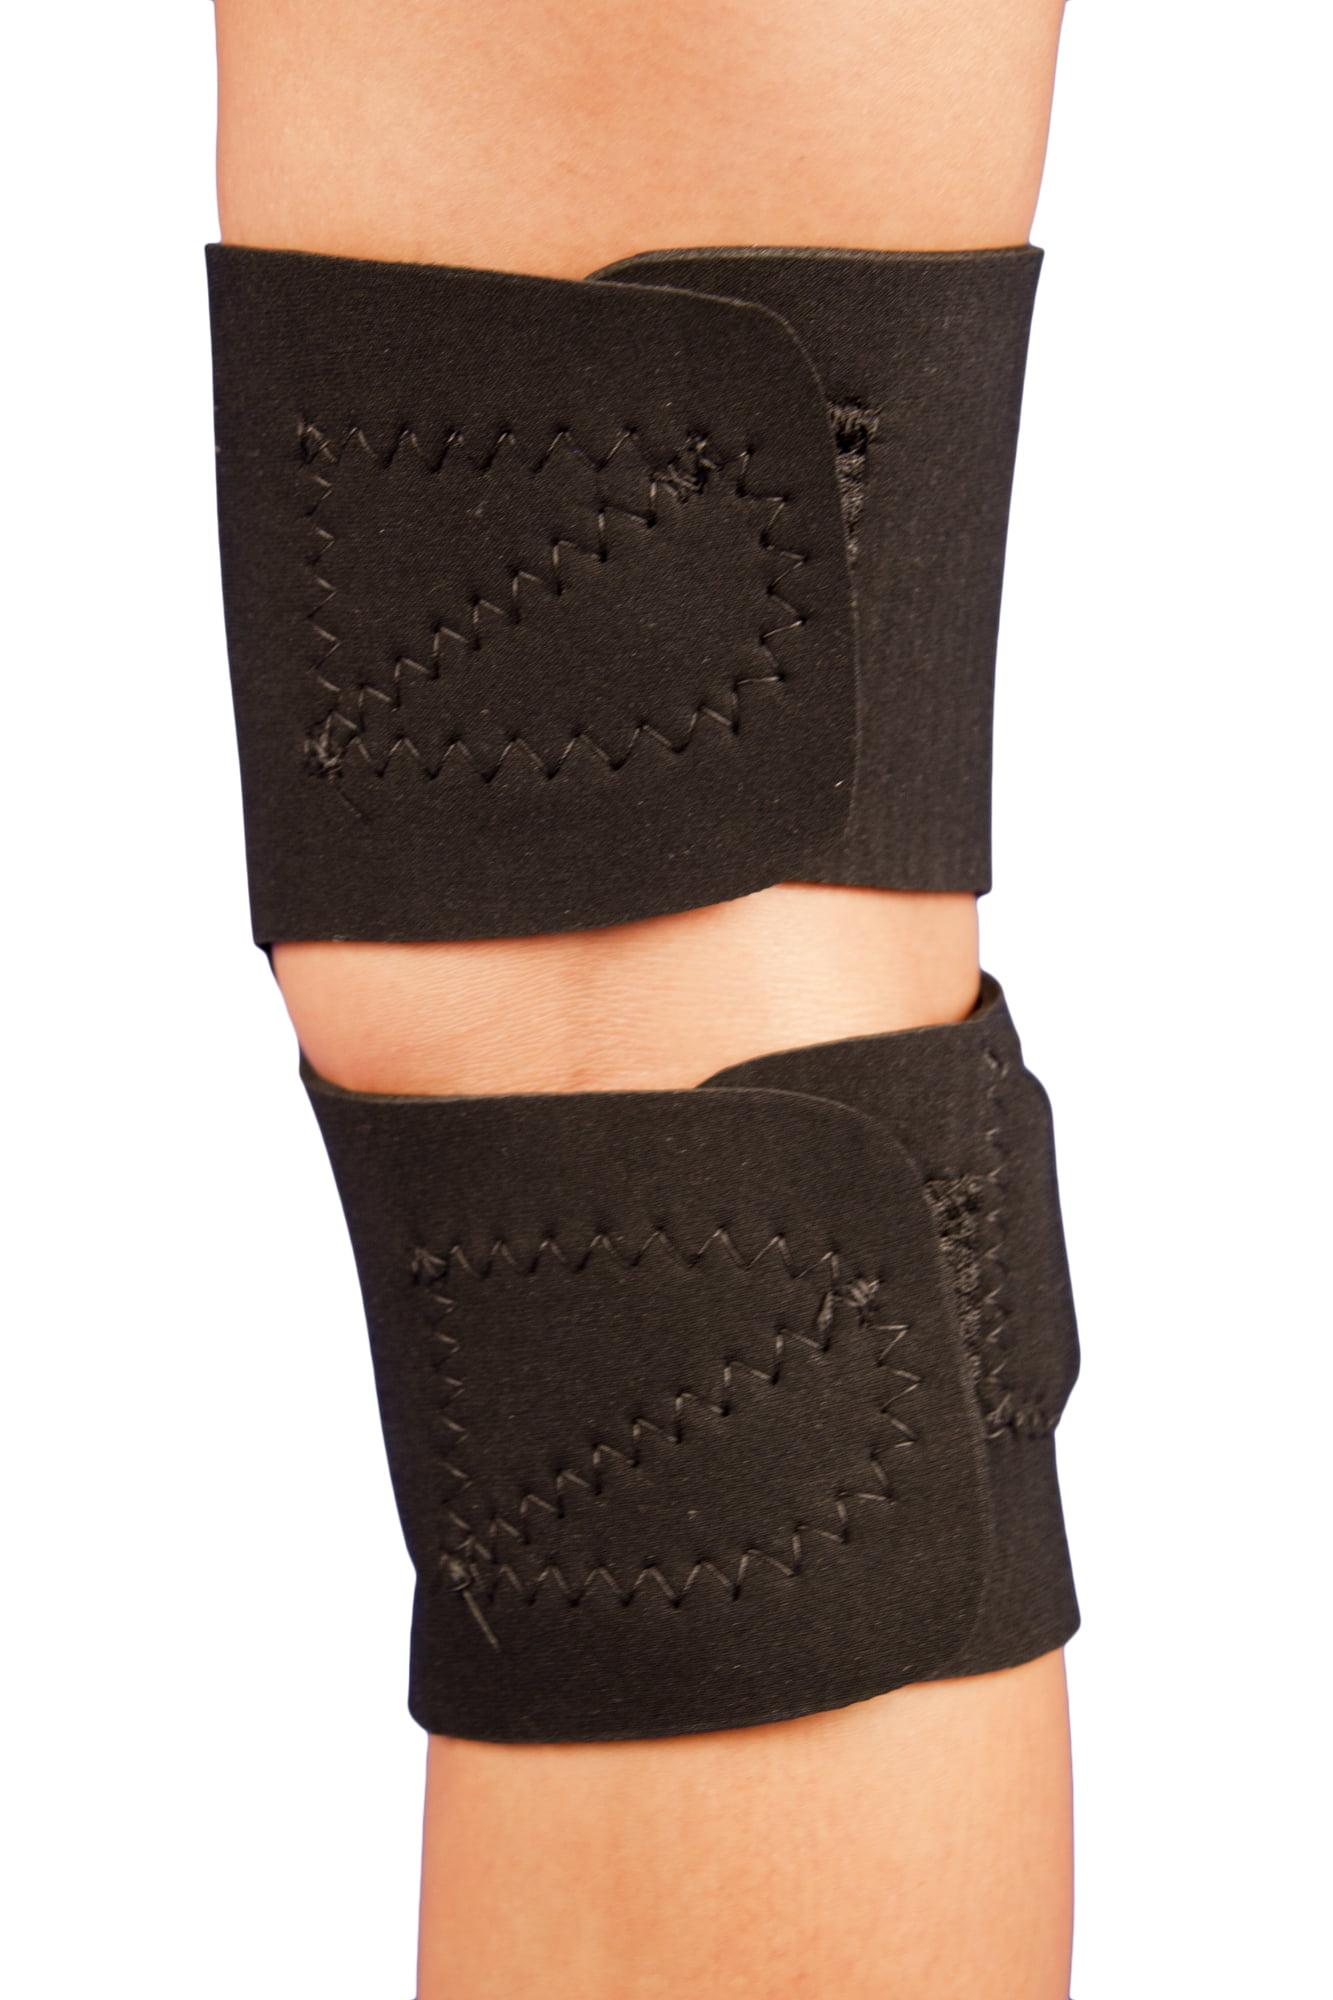 Bunga Removable Knee Pad